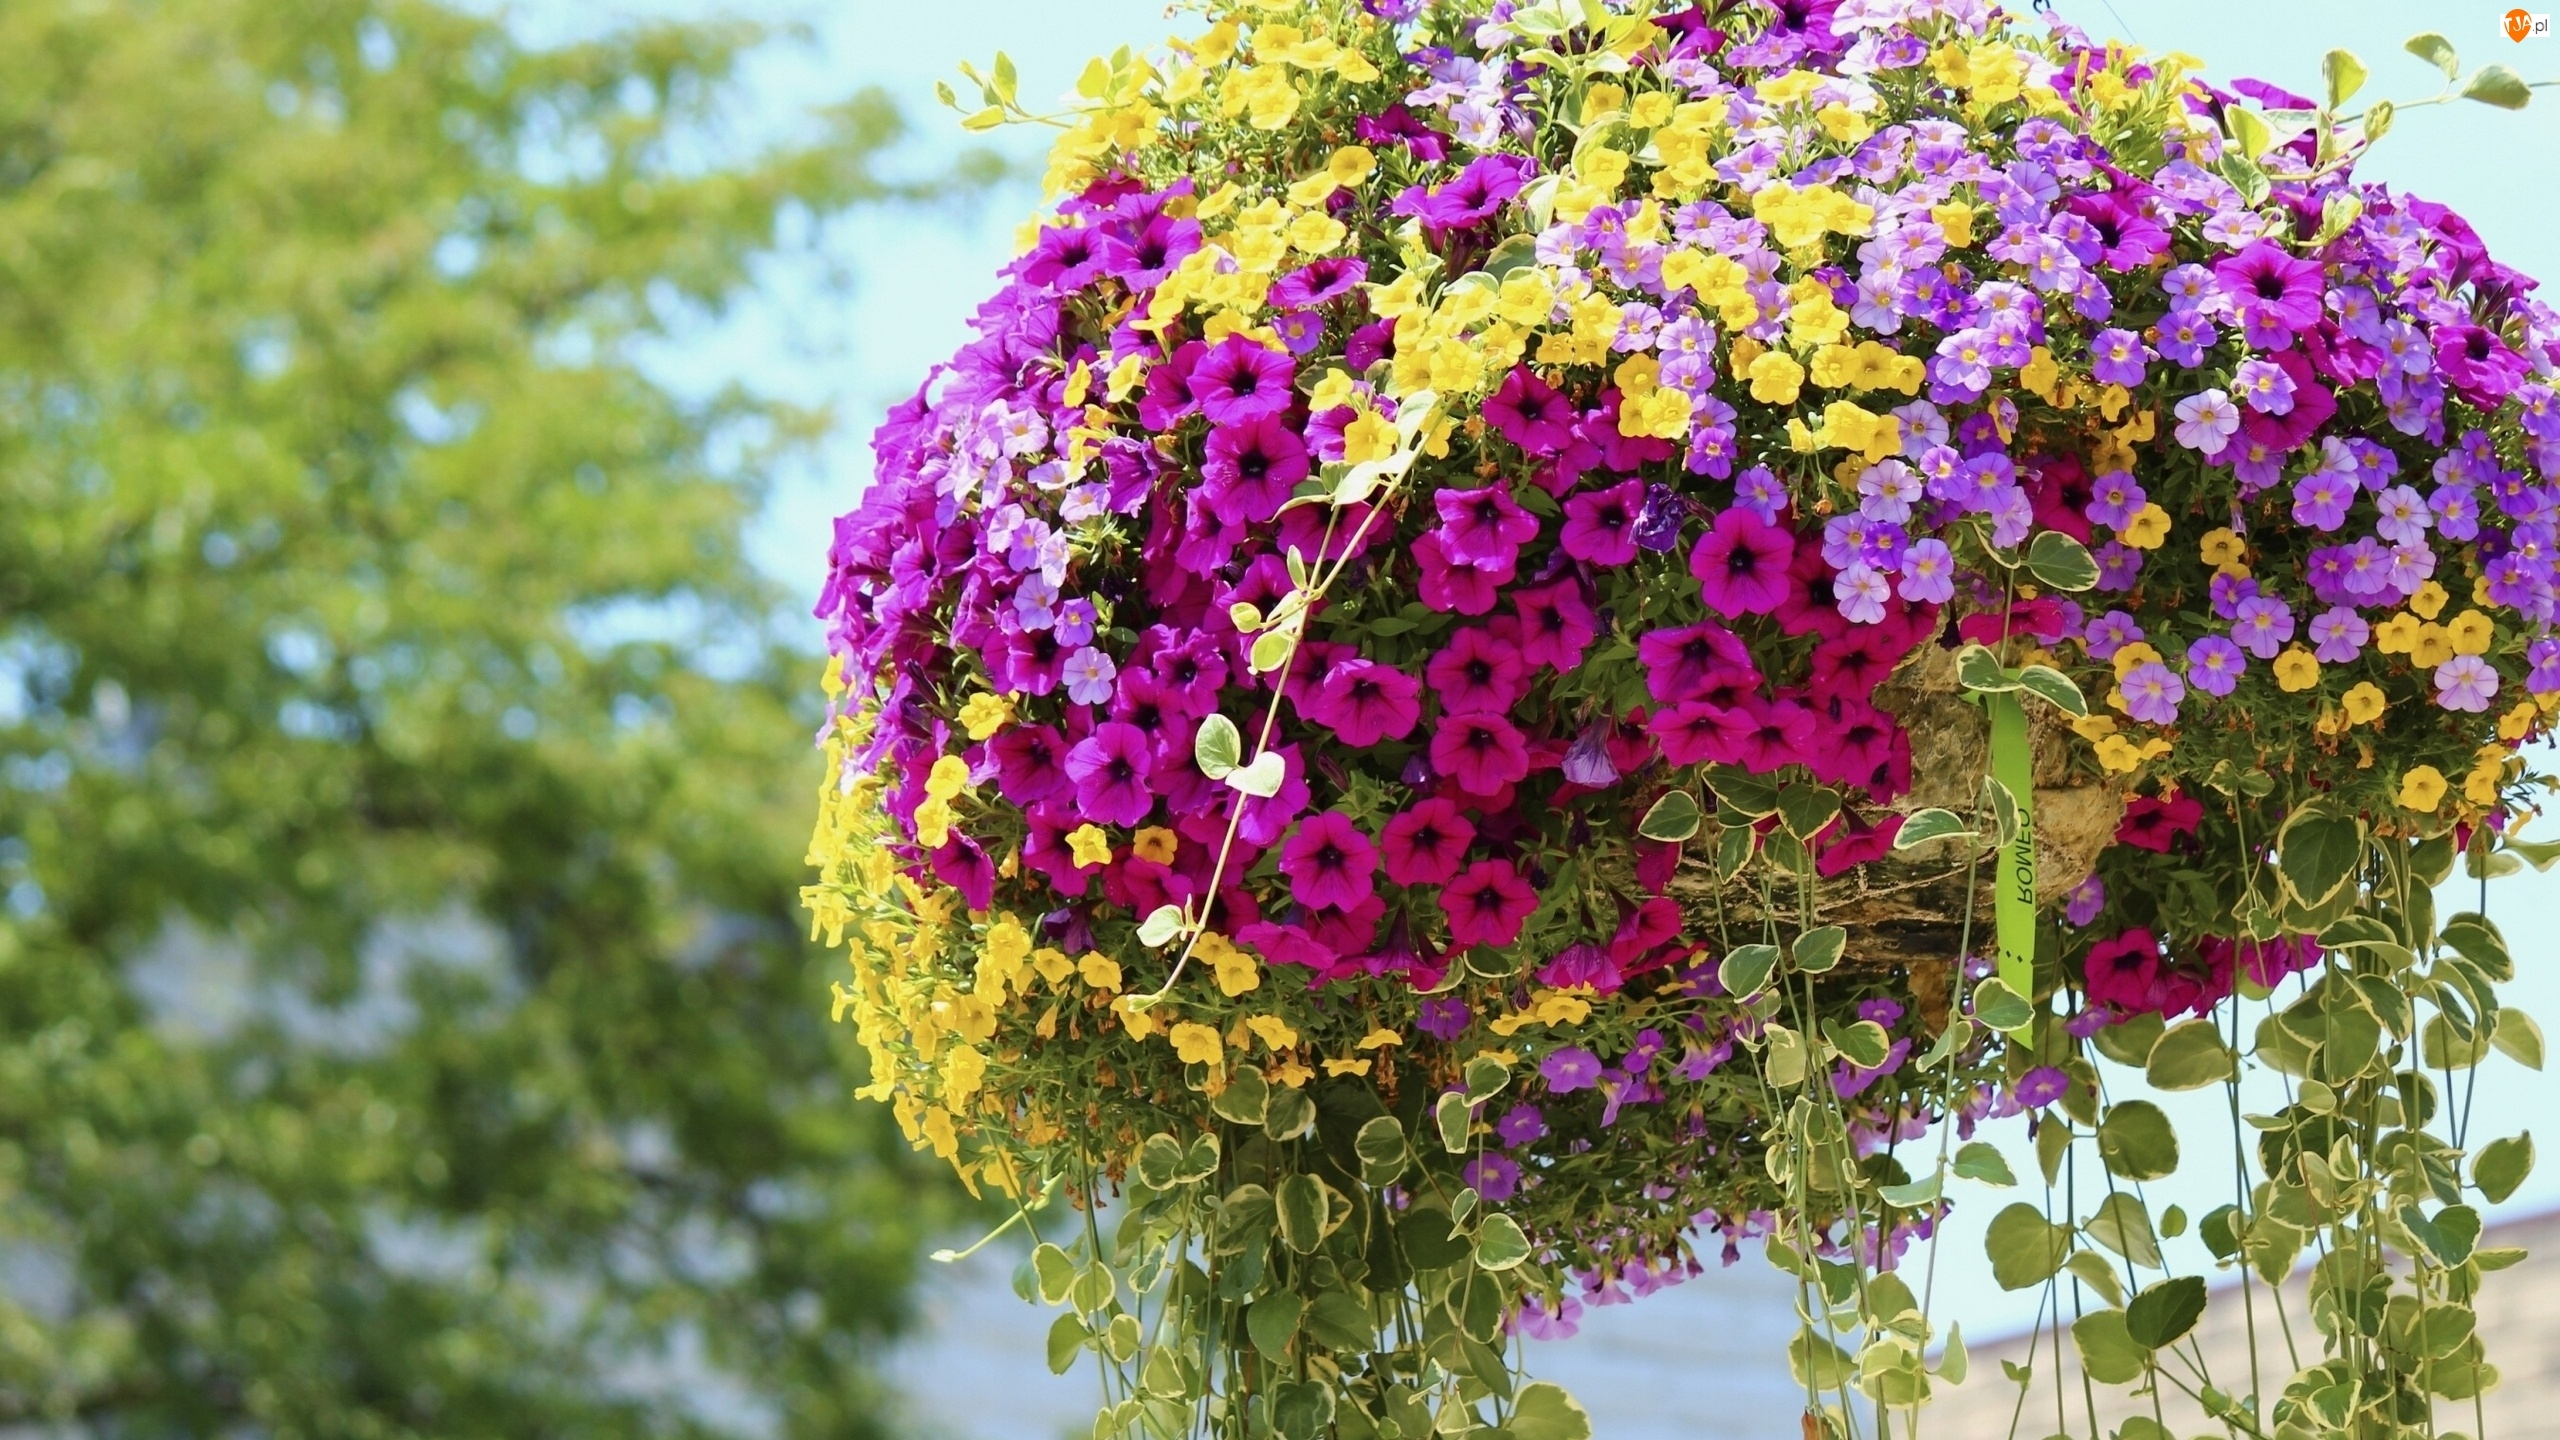 Żółte, Kwiaty, Różowe, Petunia ogrodowa, Fioletowe, Wiszące